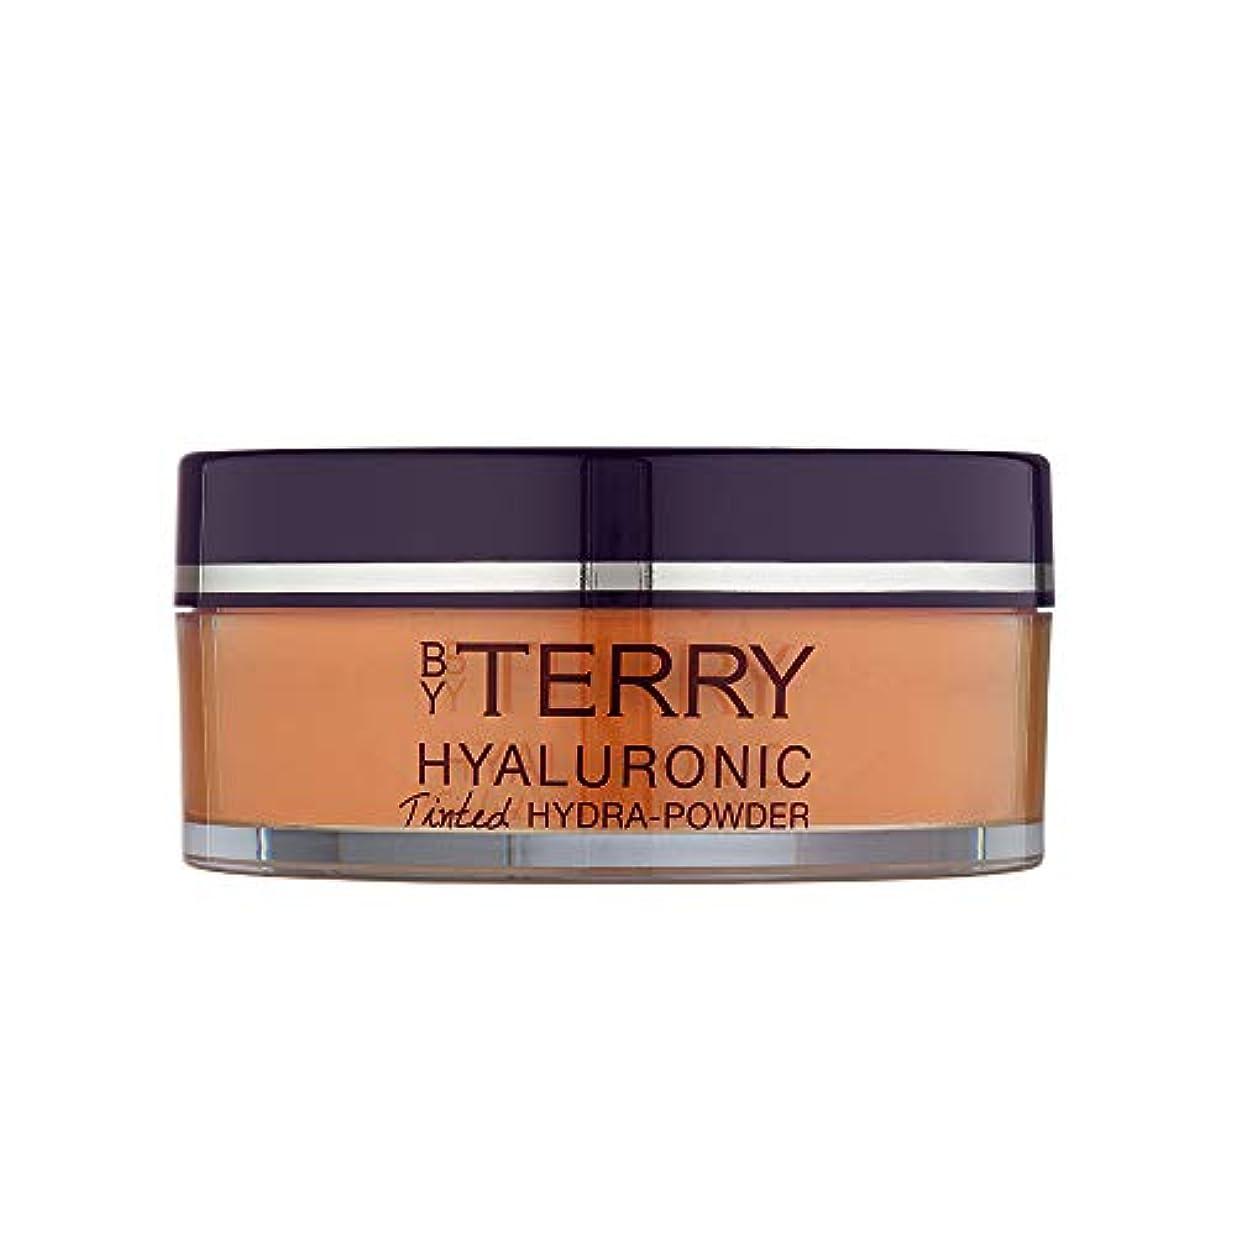 アセ受け取る放射性バイテリー Hyaluronic Tinted Hydra Care Setting Powder - # 500 Medium Dark 10g/0.35oz並行輸入品